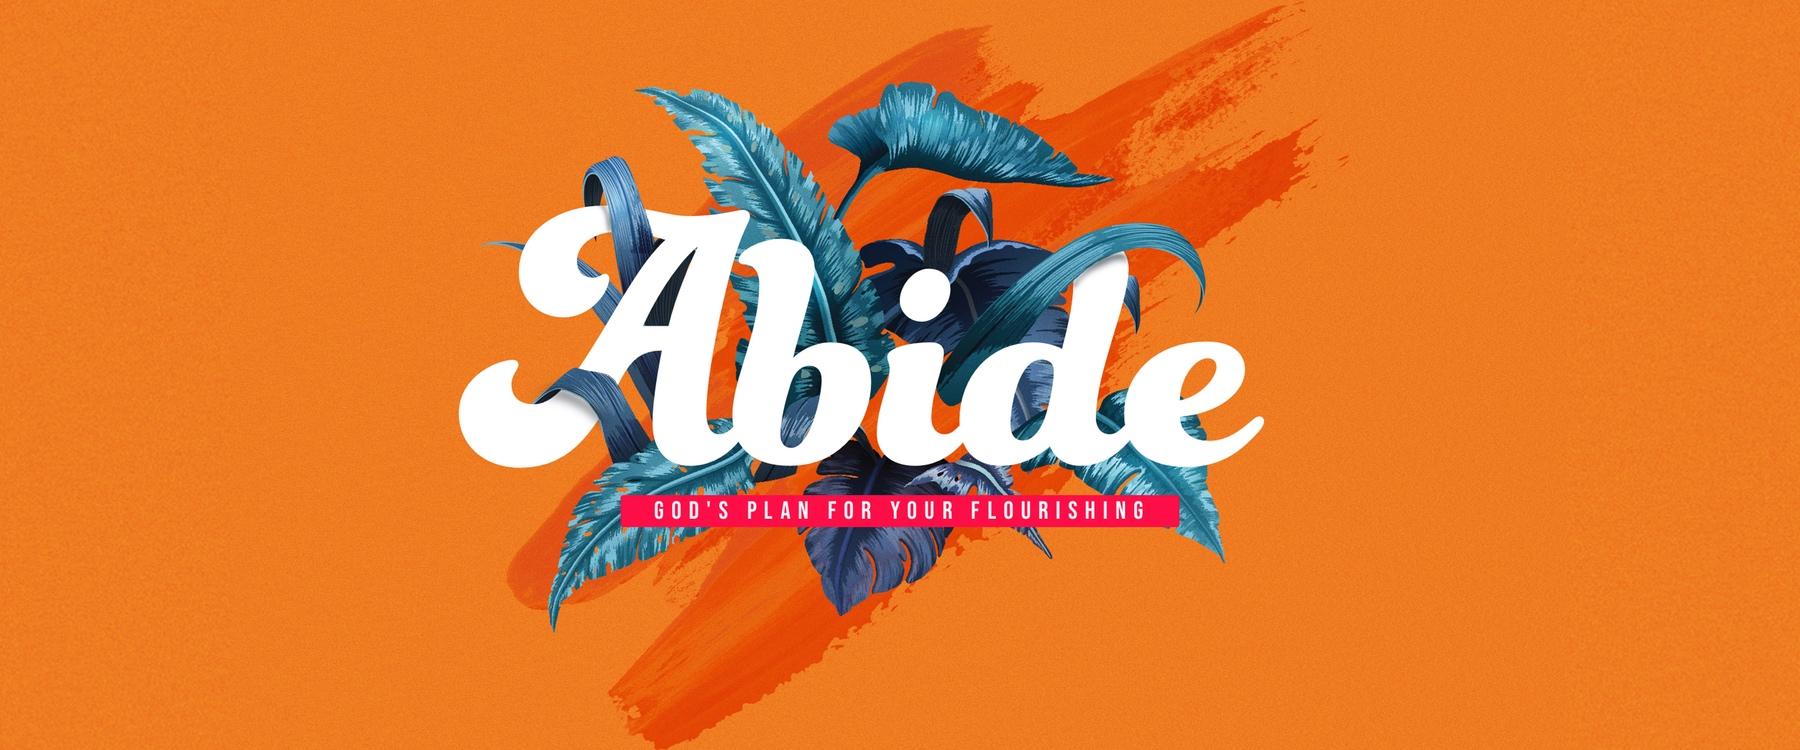 Abide SLIDER page